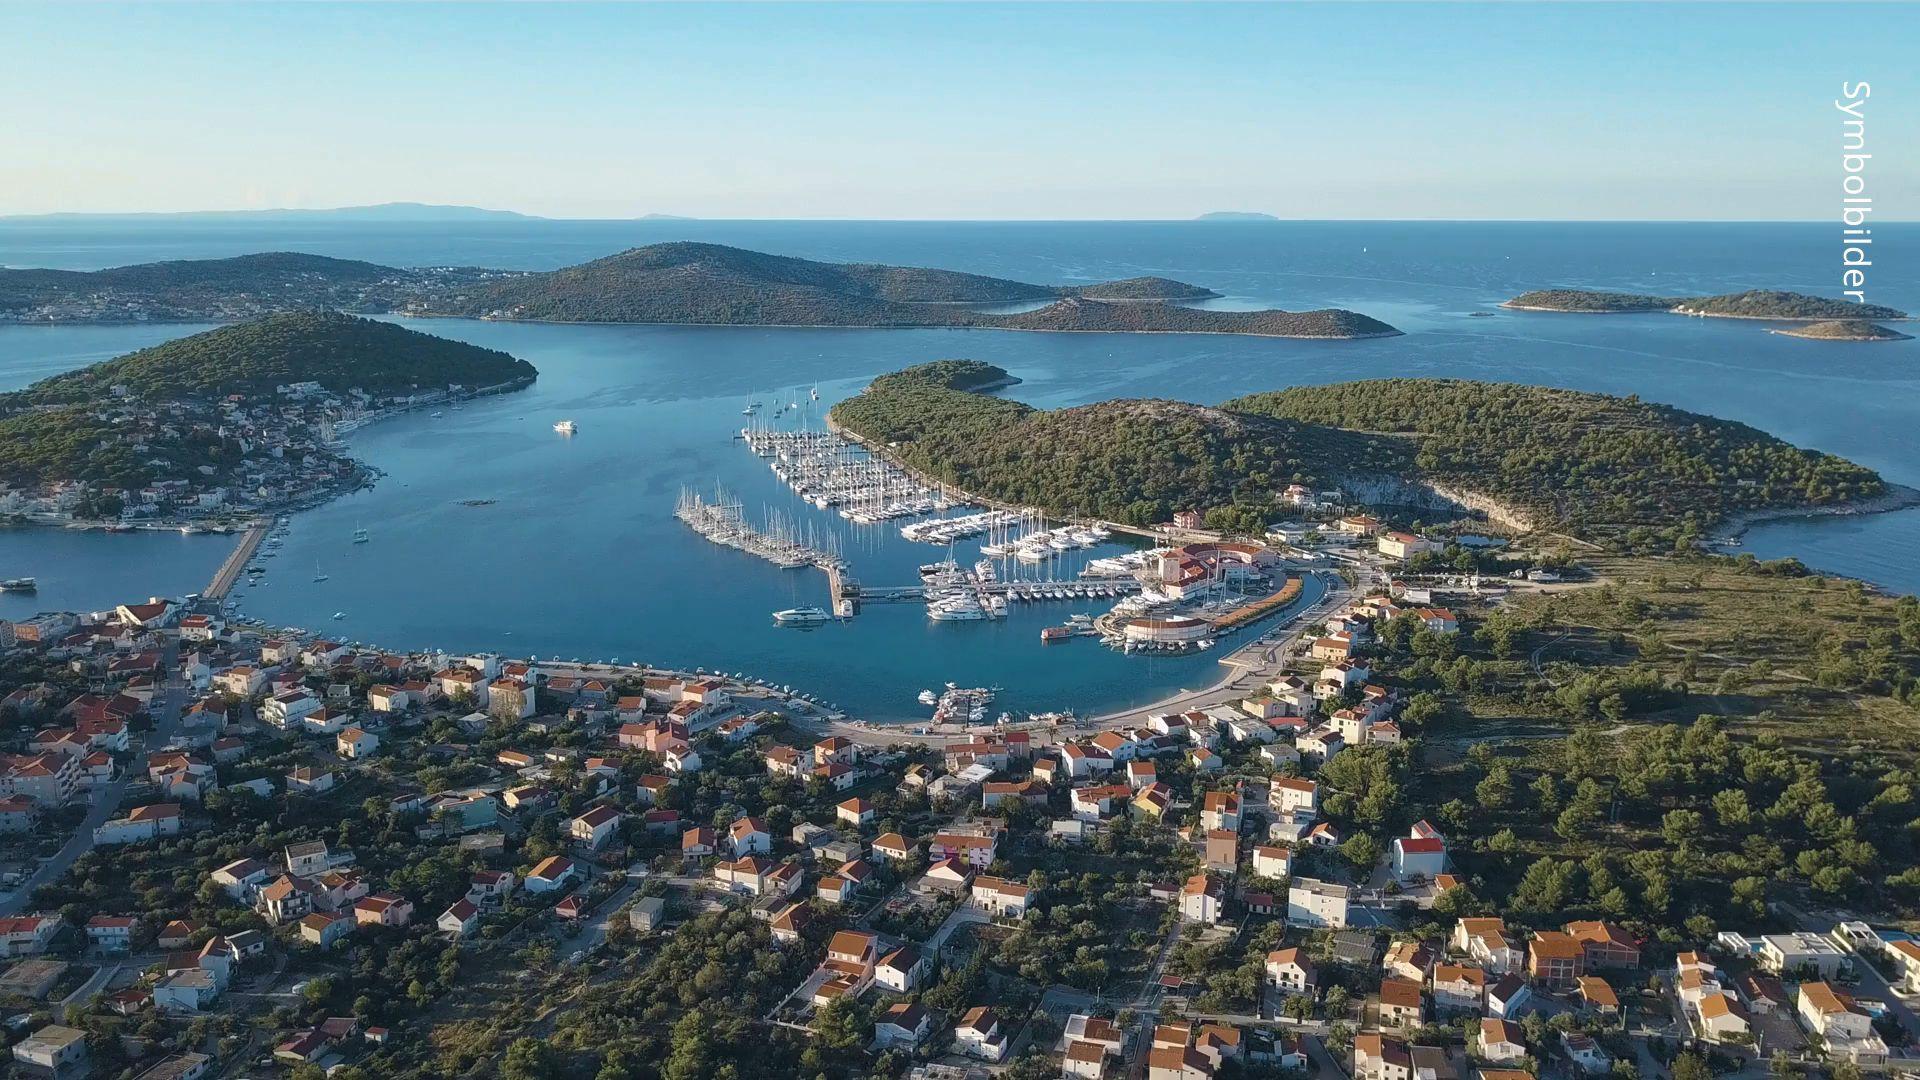 Kroatien: aktuelle Einreiseregeln für Urlauber